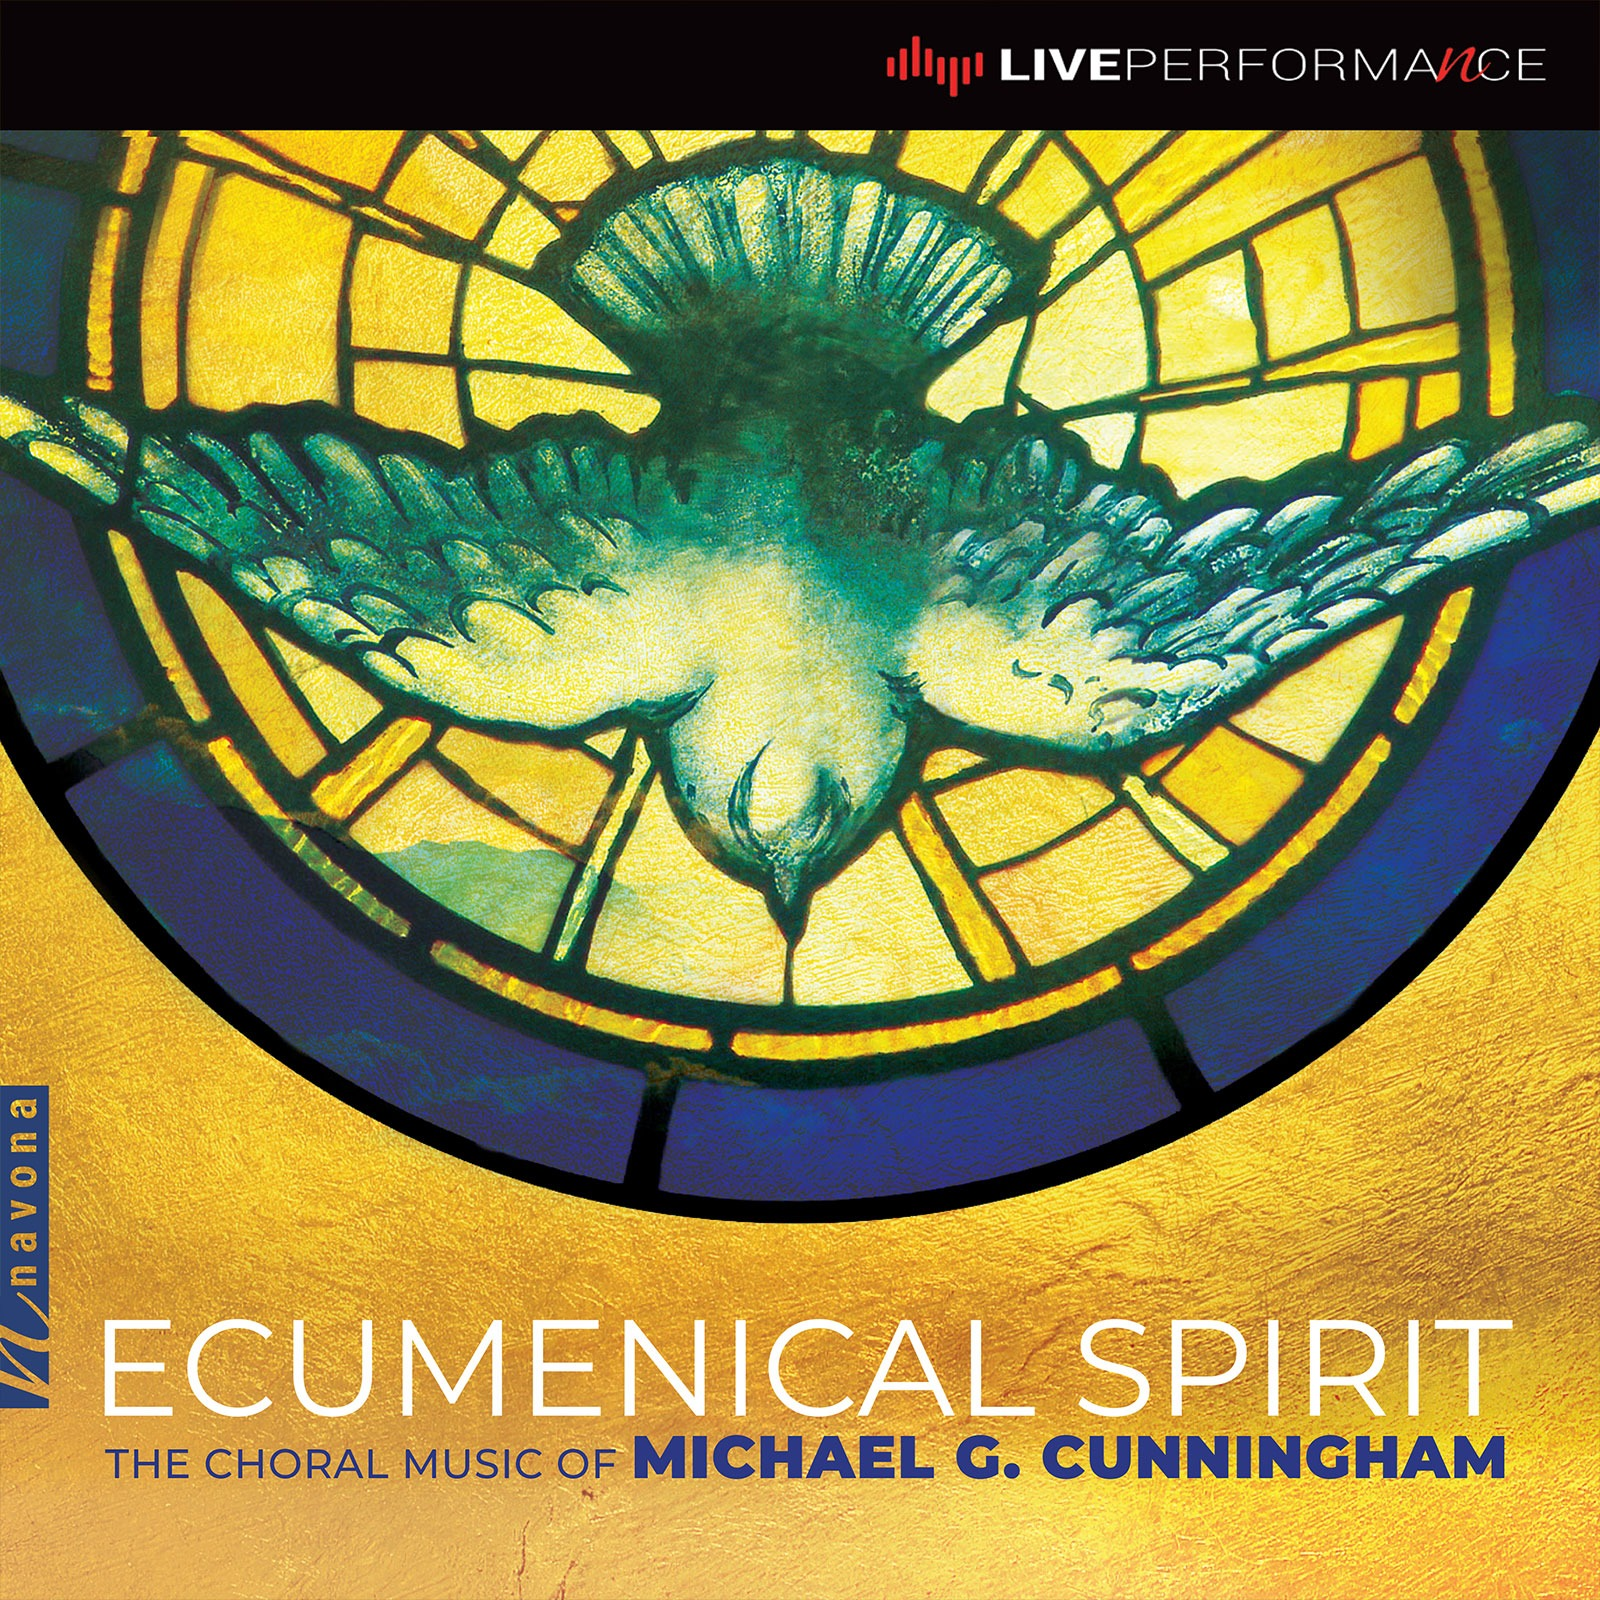 Ecumenical Spirit